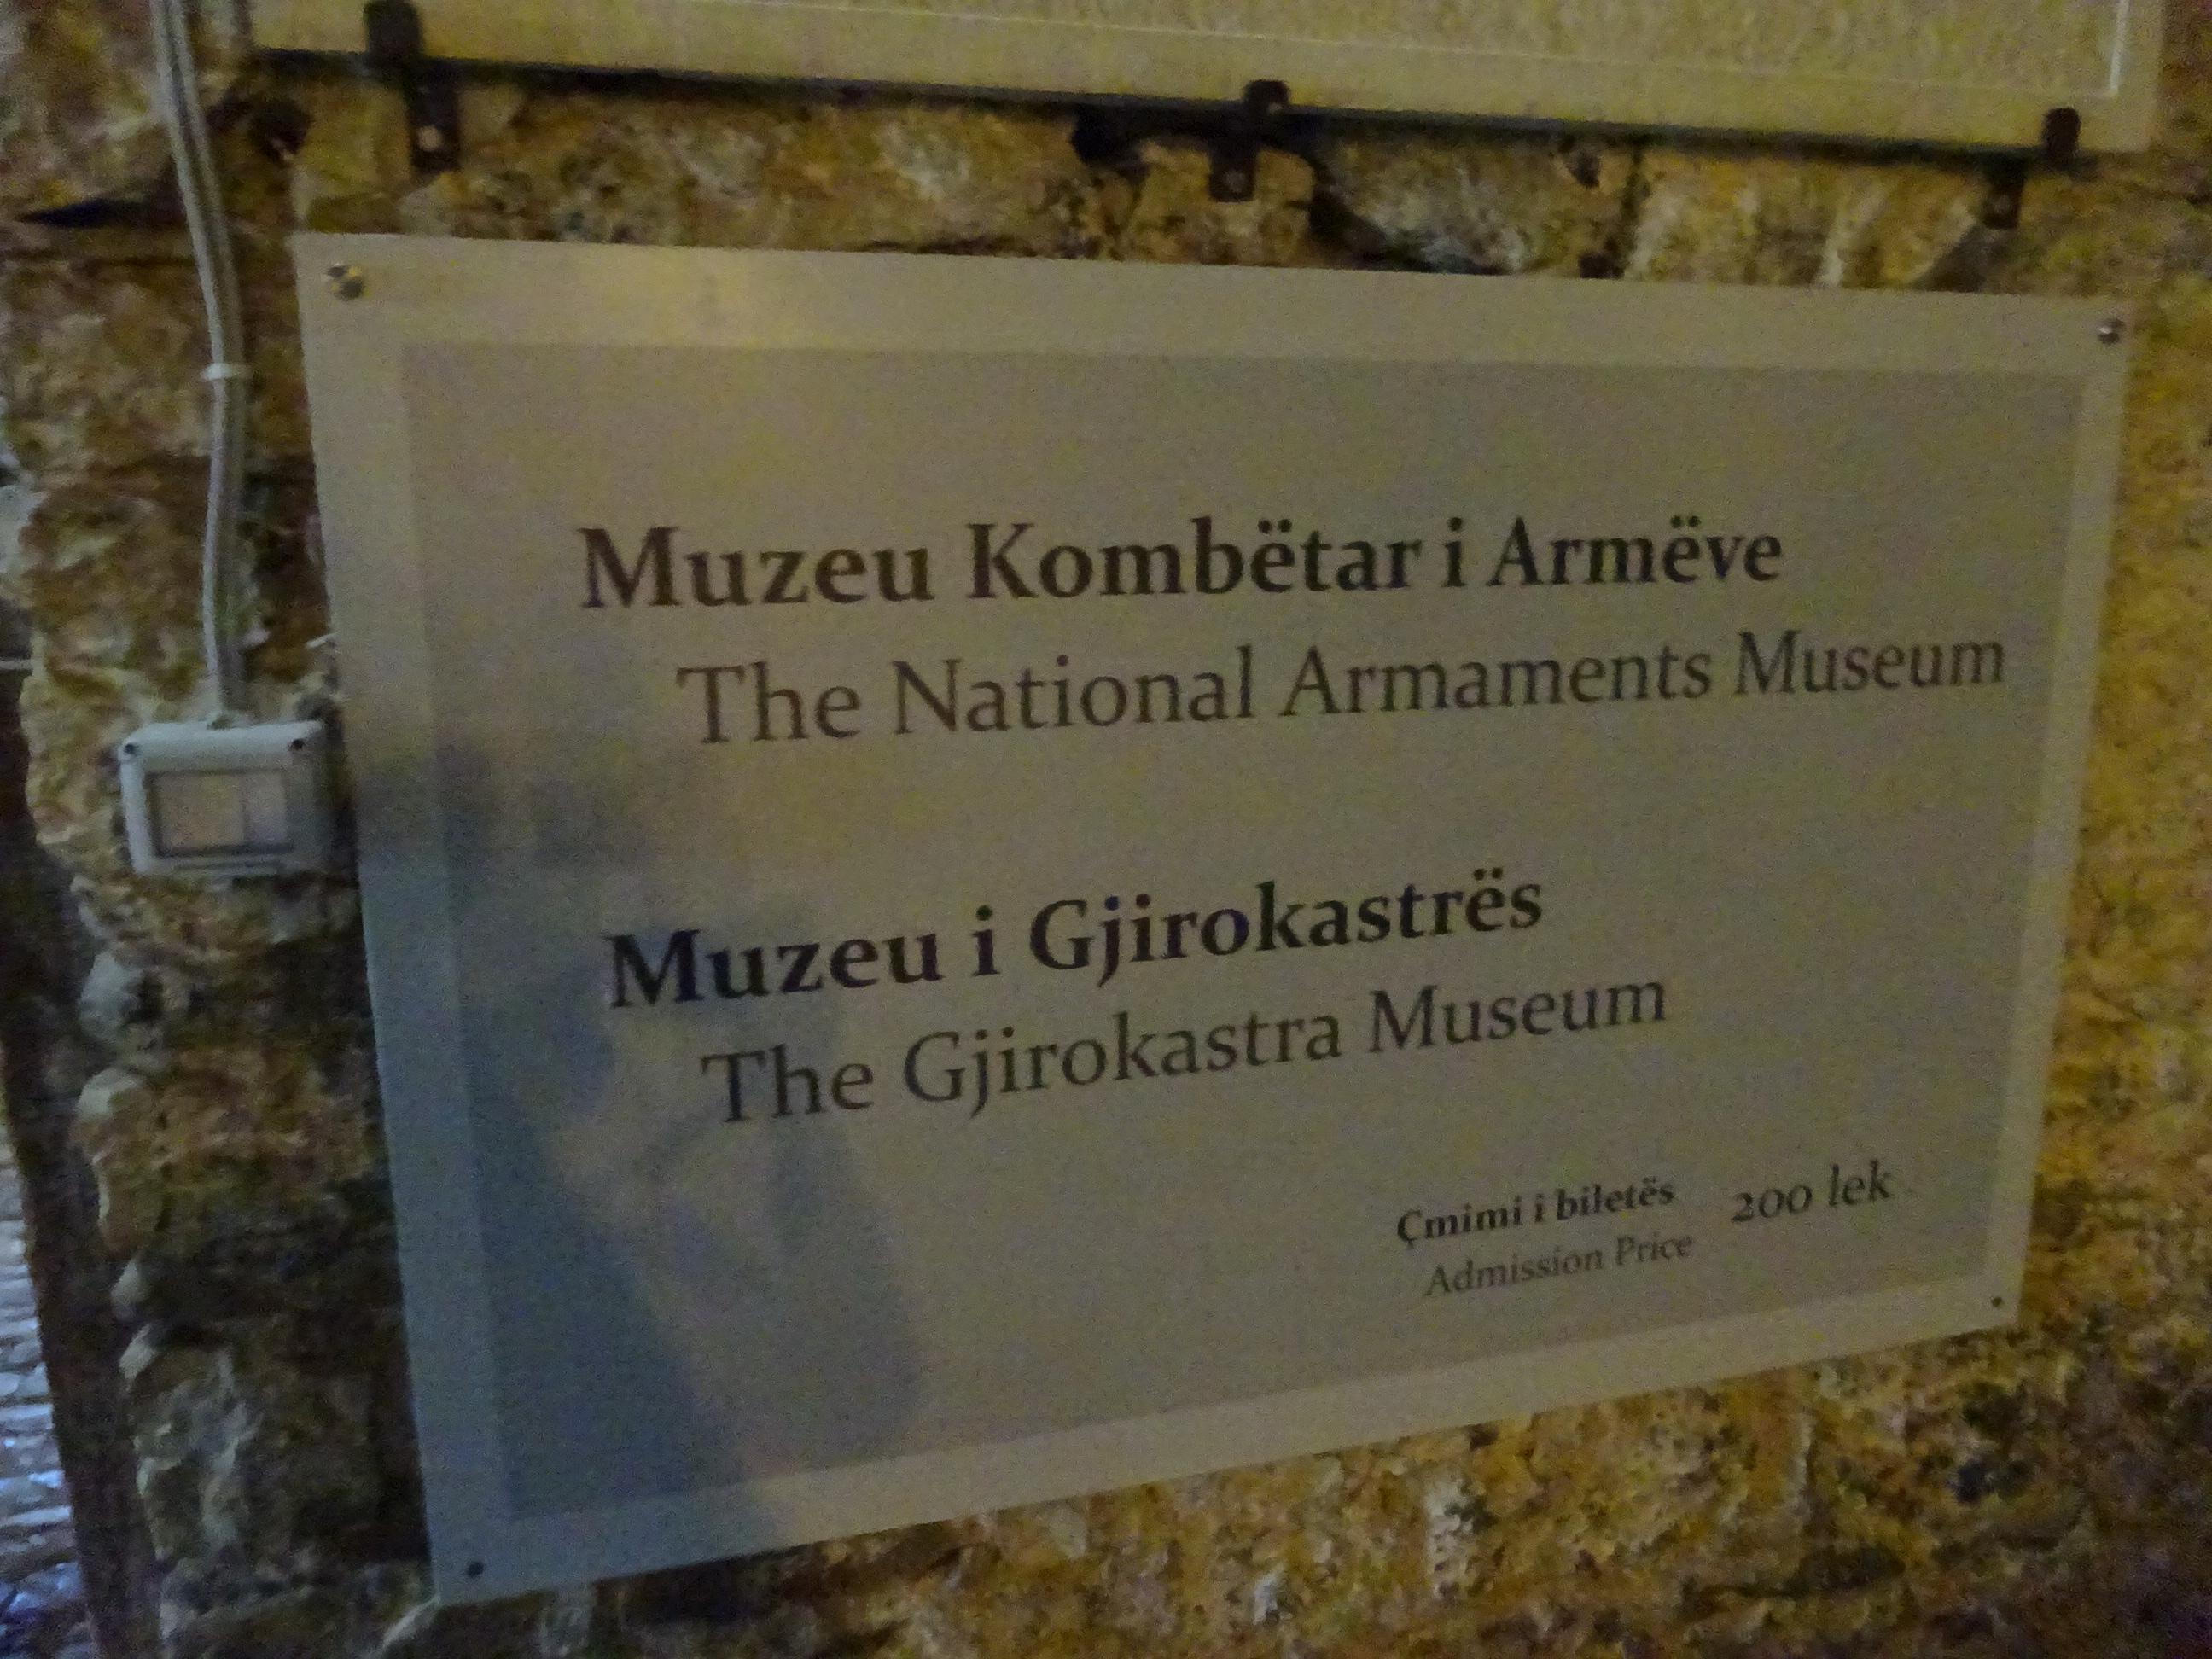 ジロカストラ城の中にある博物館の看板